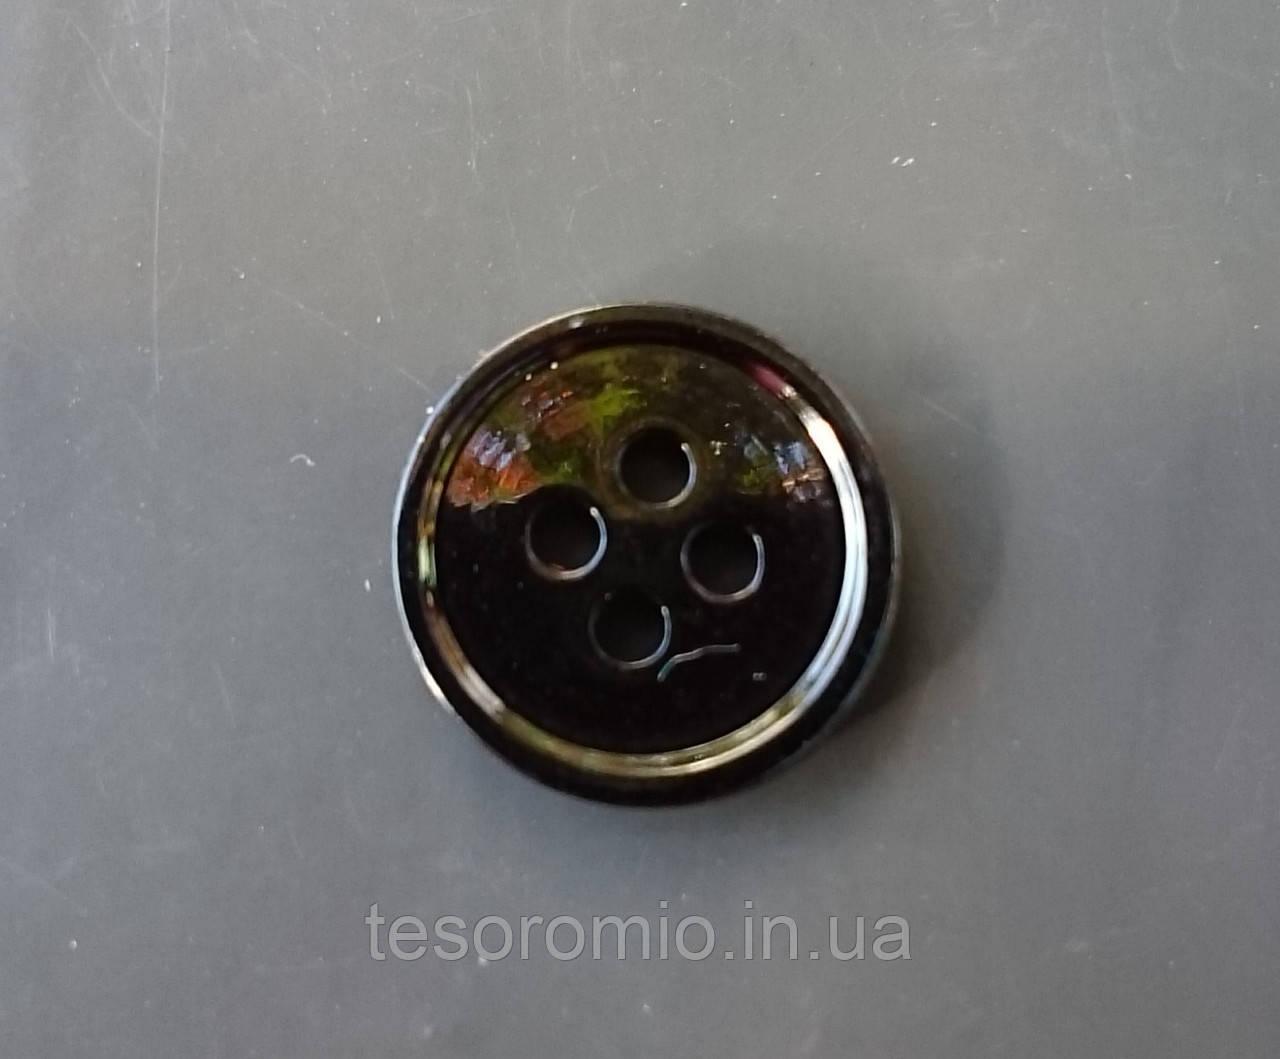 Пуговица рубашечная перламутровая, темно-фиолетовая, 11 мм диаметр